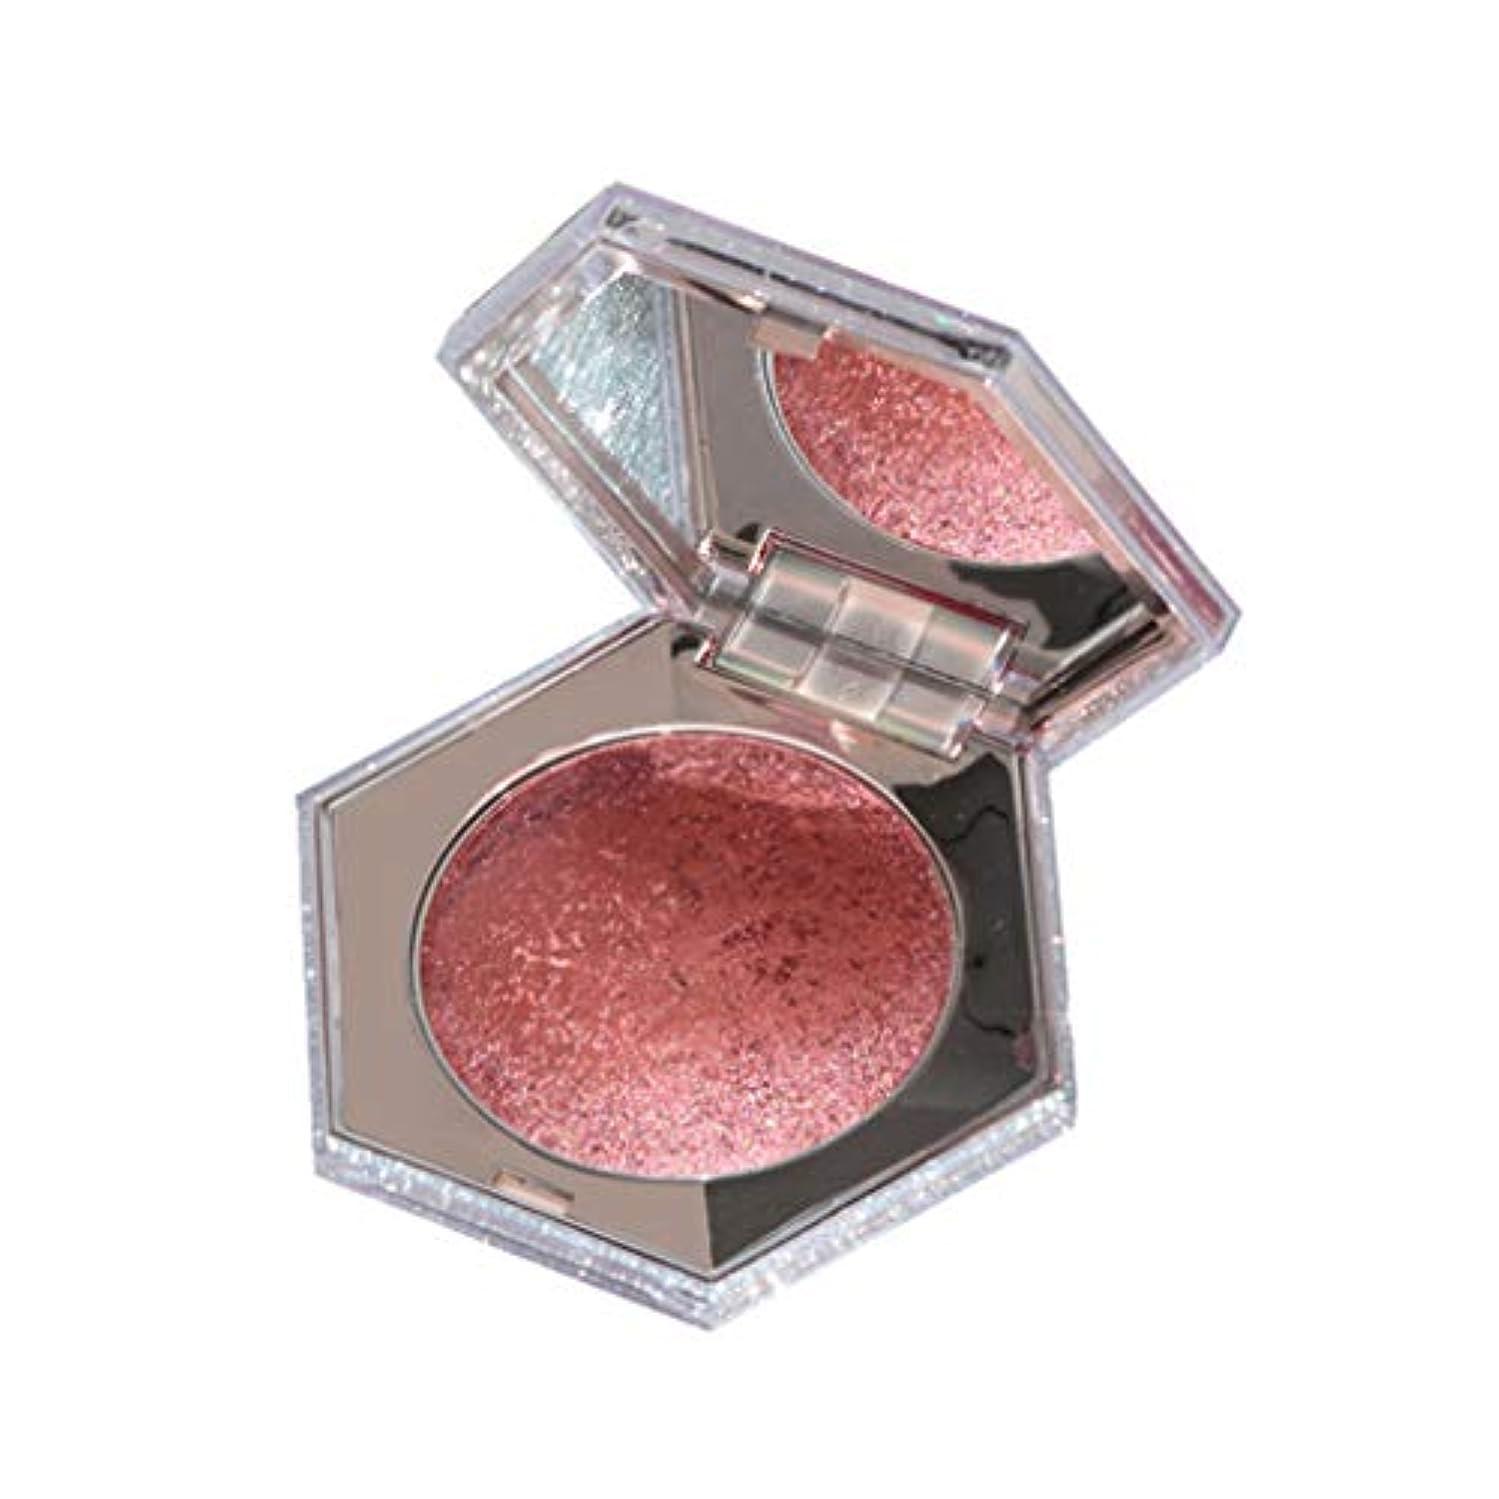 常識消えるシェーバーDream ハイライト 女性の輪郭の粉の蛍光ペンの修理容量の軽い高い化粧品 (C)